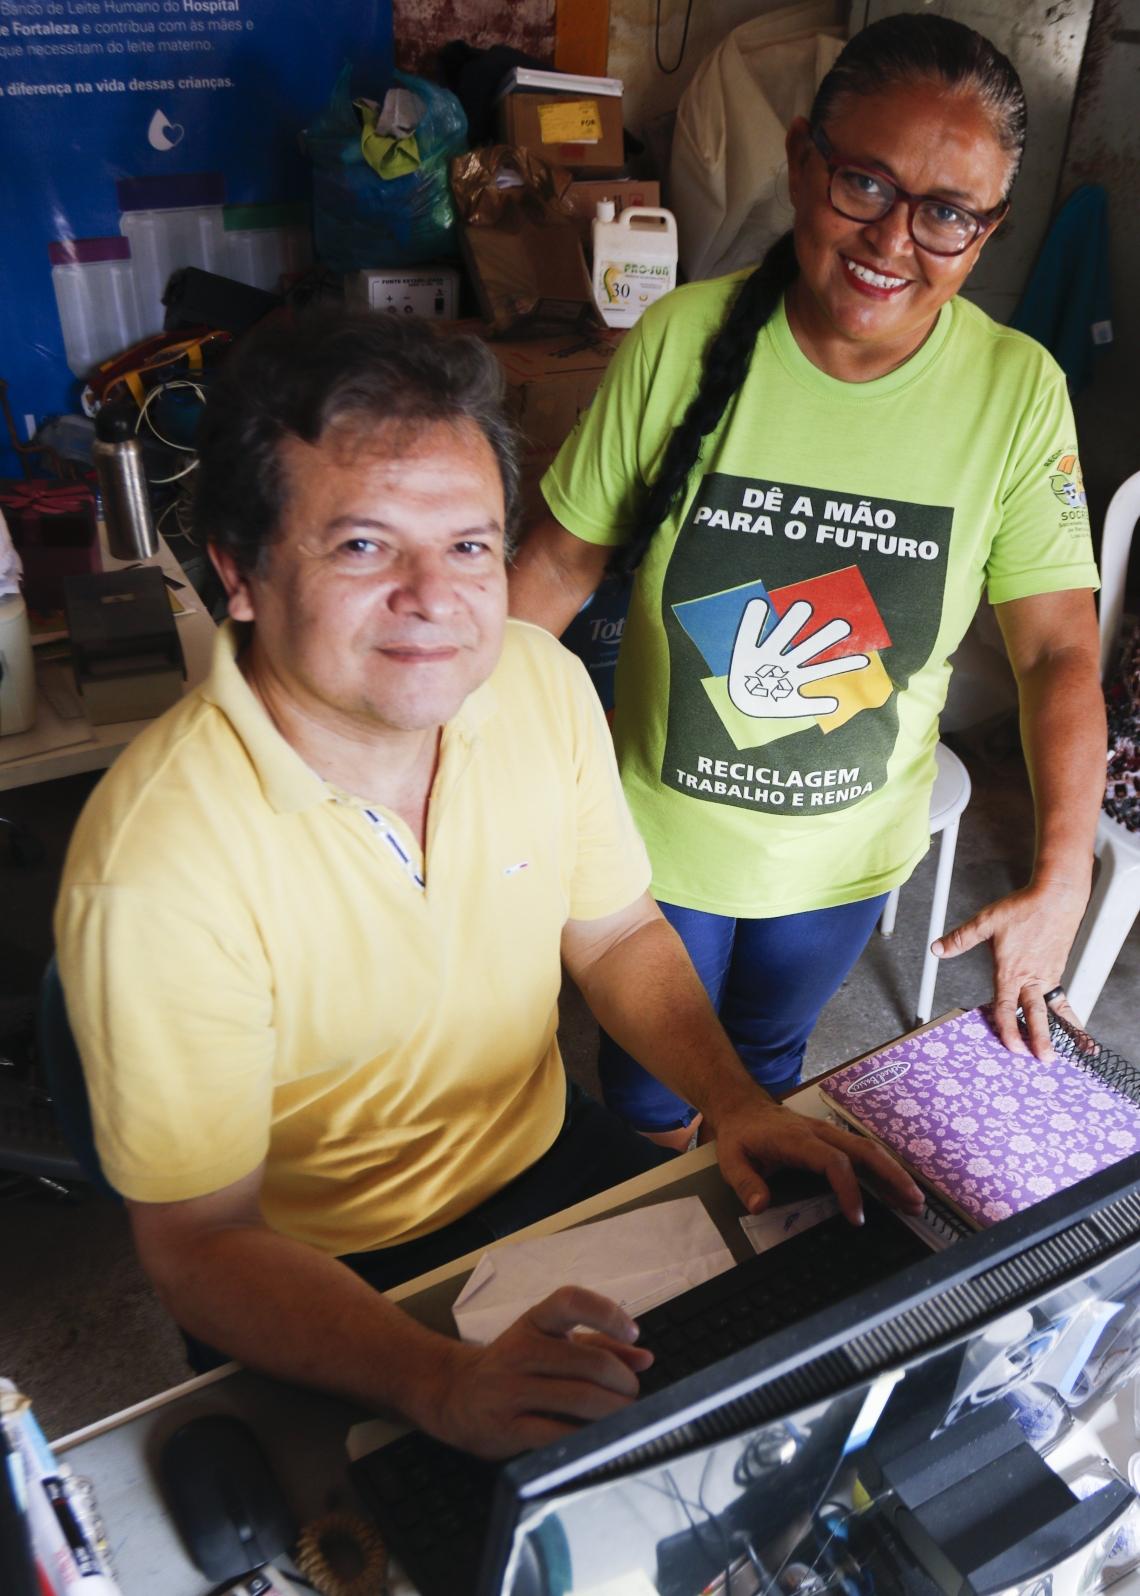 JANETE CABRAL Alves e Sérgio Clério falam sobre a utilização do programa da empresa Selletiva